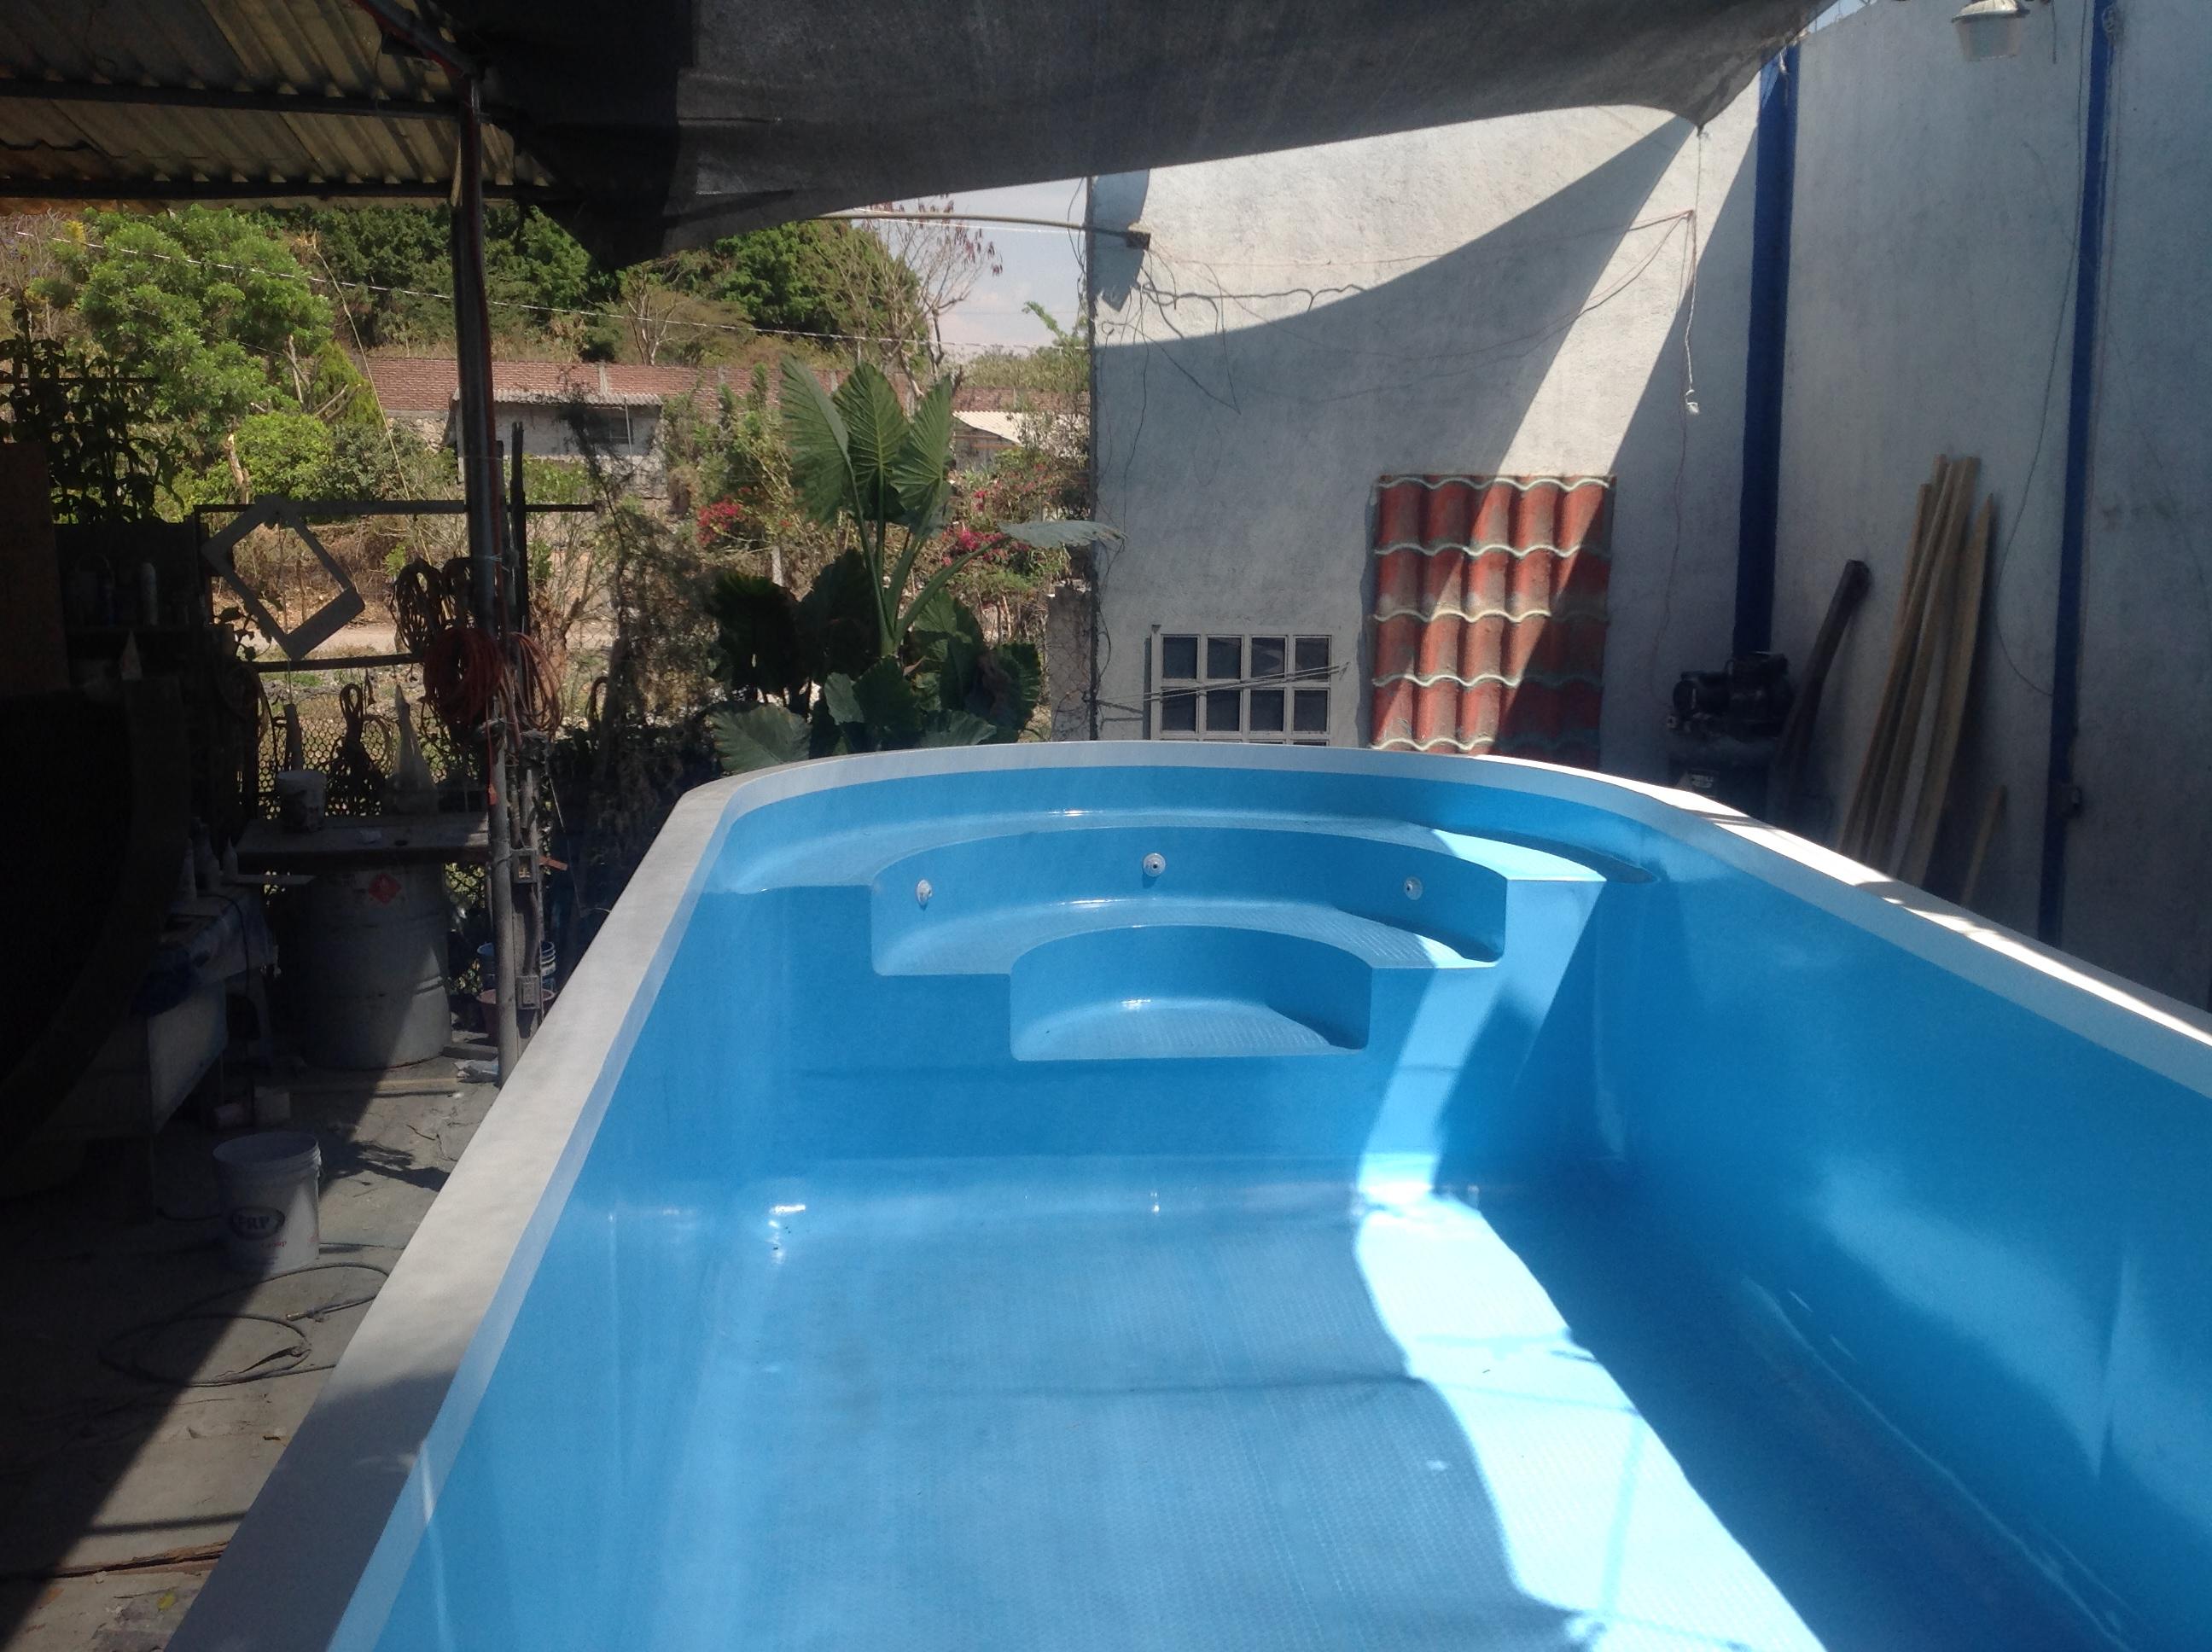 Albercas de fibra albercas y servicios del sol for Construccion de albercas en mexico